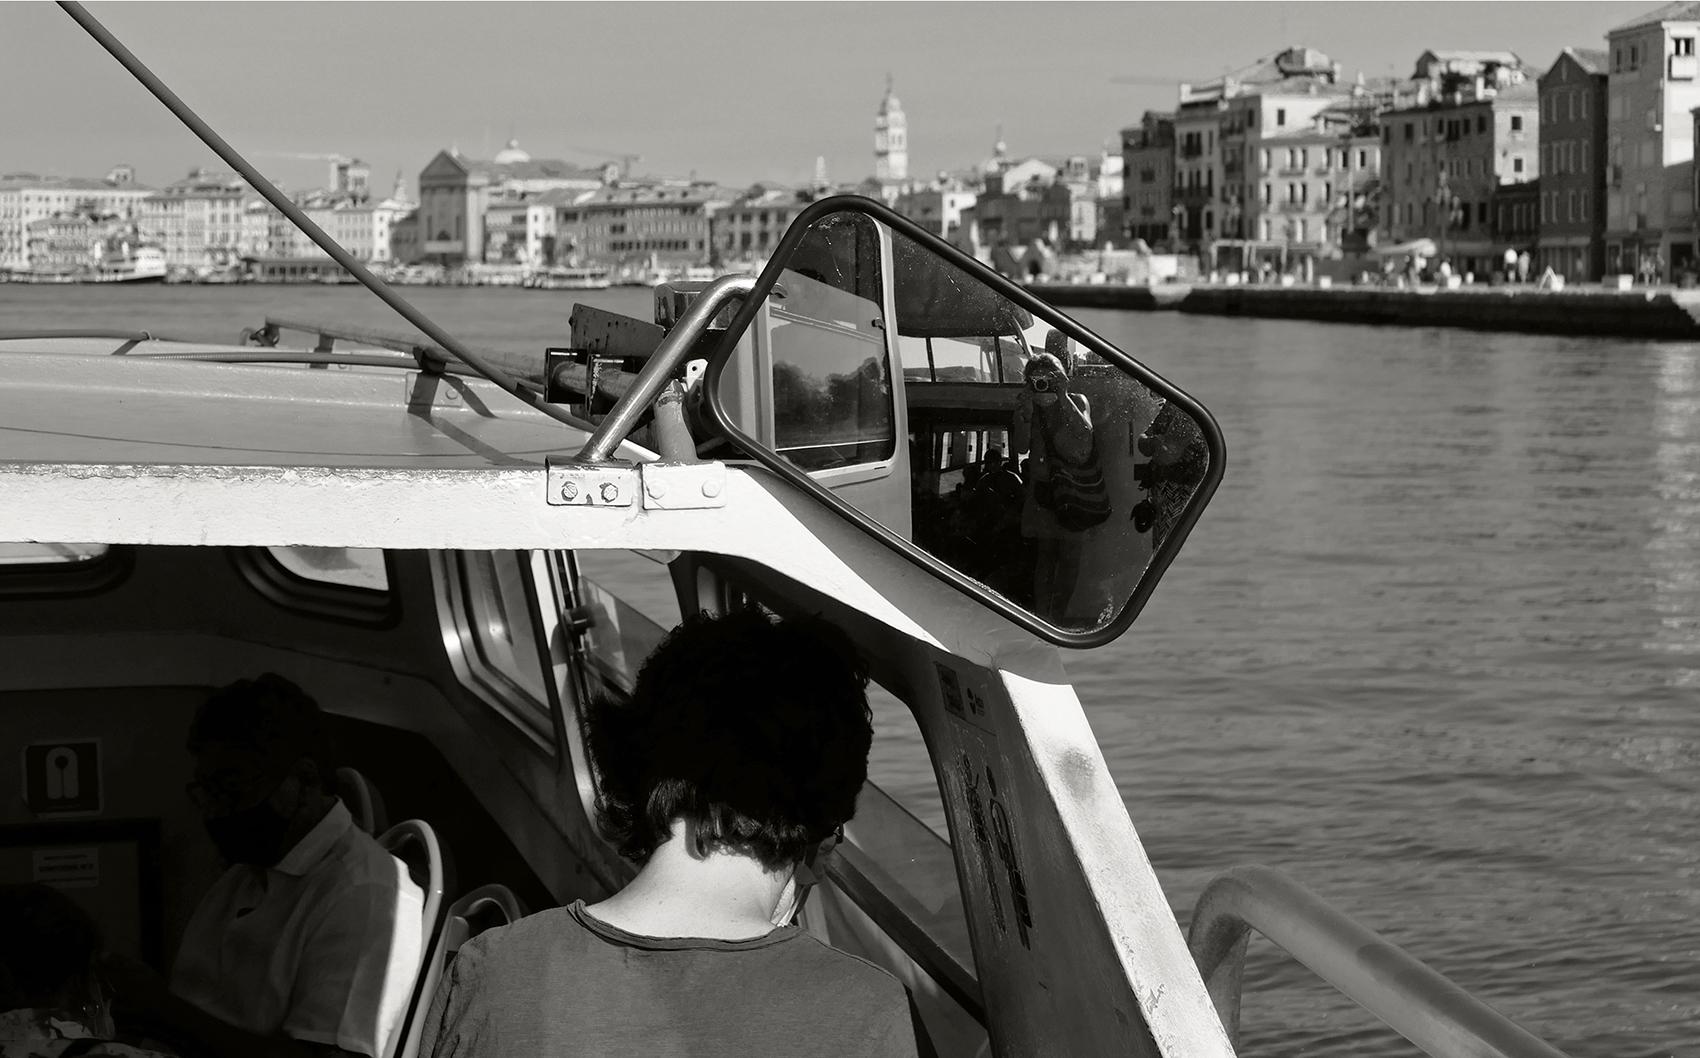 misure giuste Sonia Costa _ Com'è triste Venezia